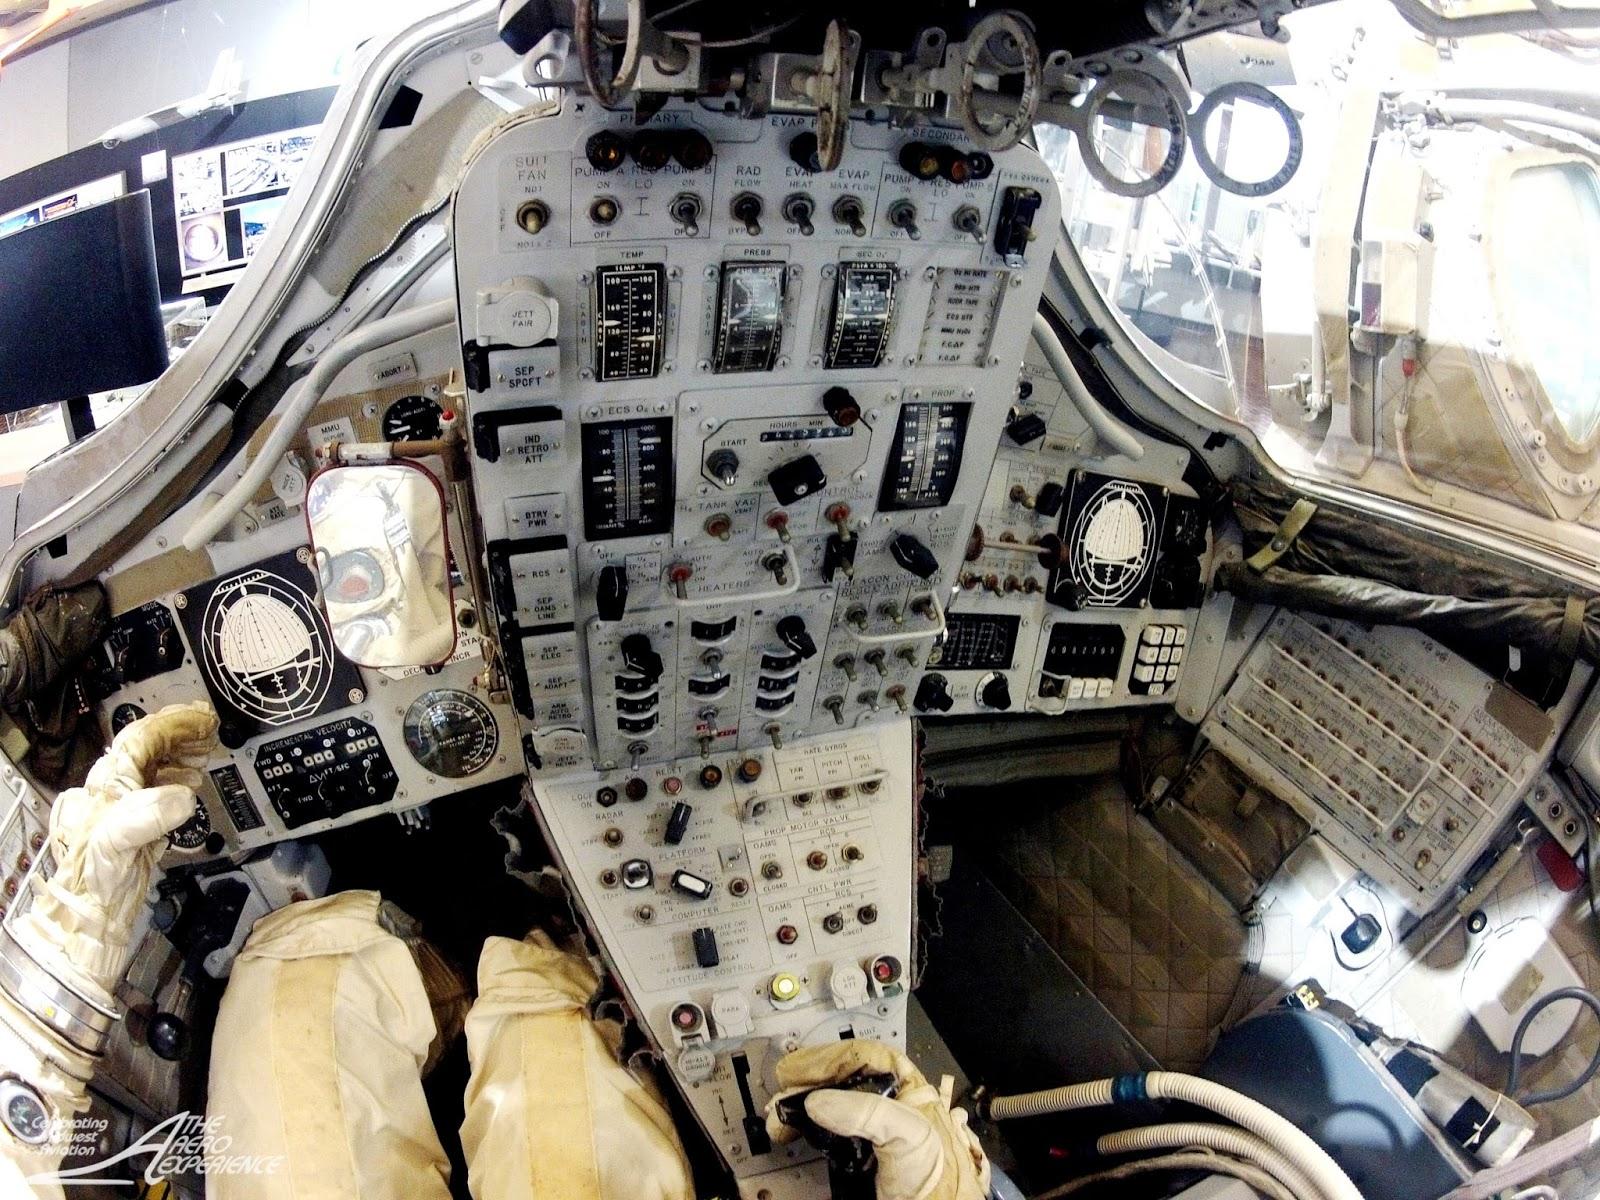 gemini spacecraft cockpit - photo #12